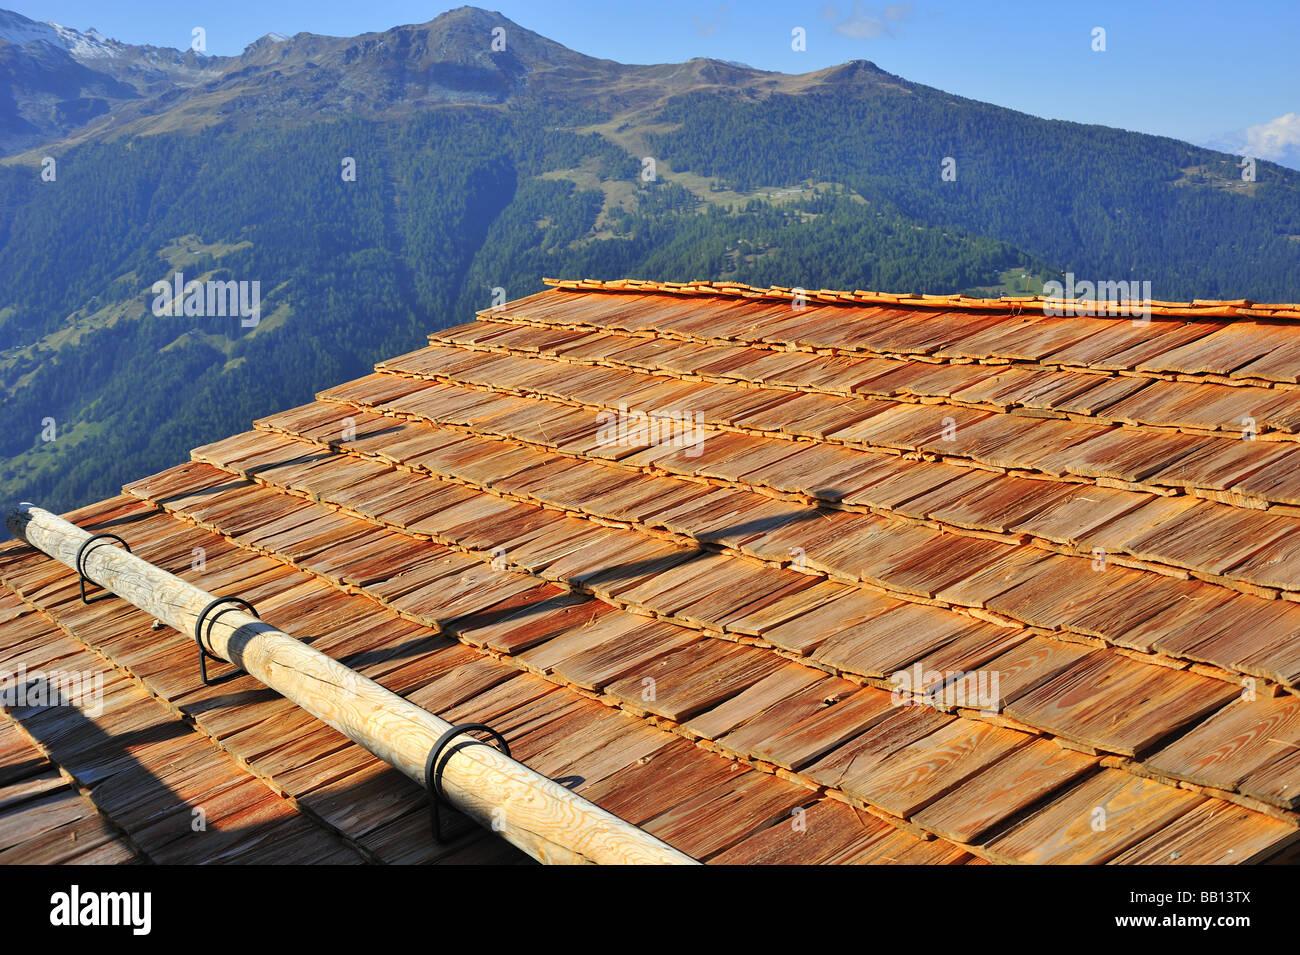 Traditionell Ziegeldach in der Schweiz, mit hölzernen schüttelt als Dachziegel. Holz ist entweder Kiefer Stockbild